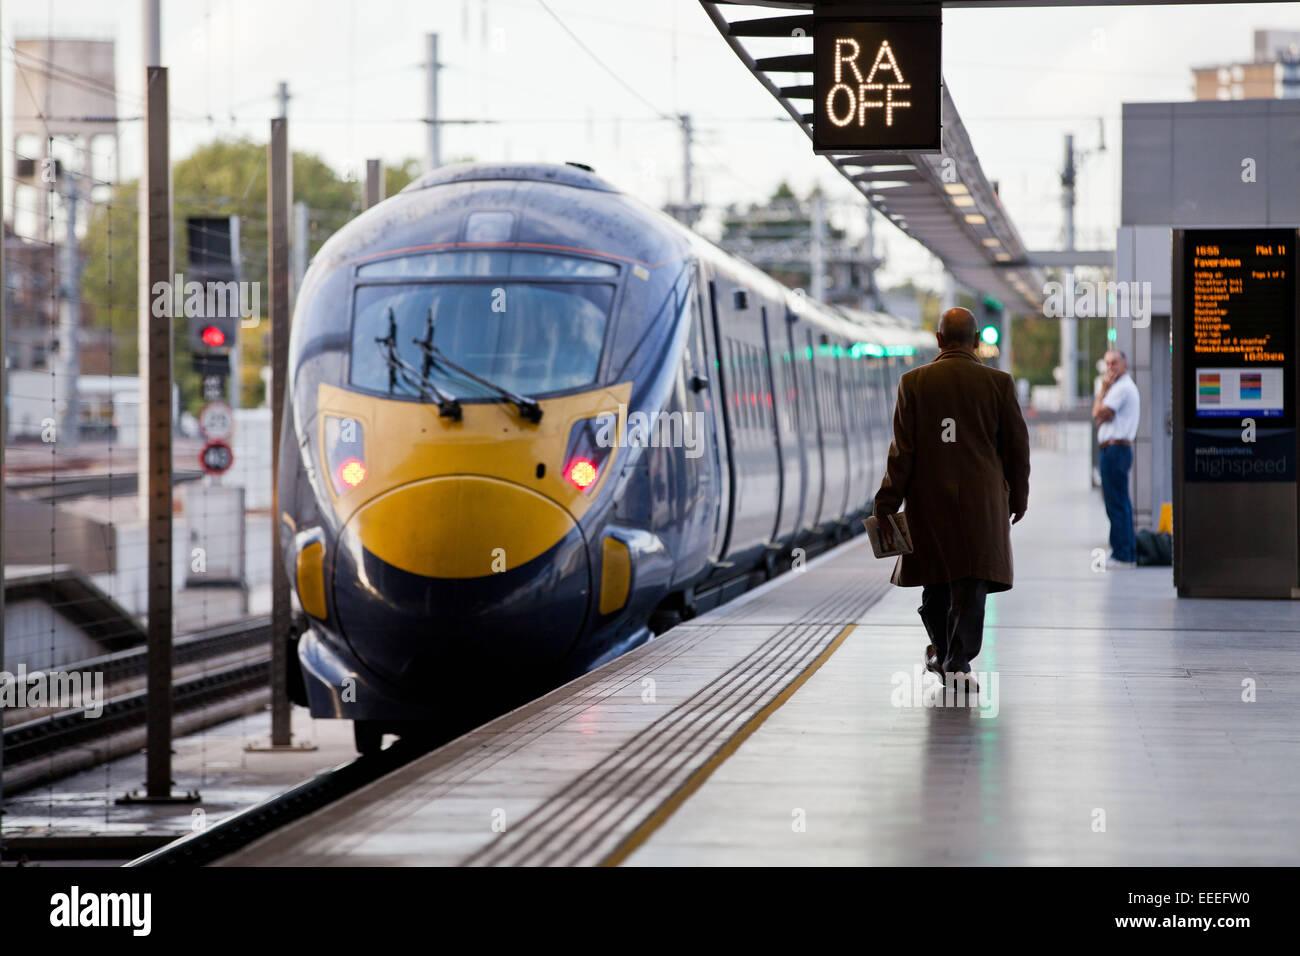 Classe 395 Southeastern treno ad alta velocità presso la piattaforma a St Pancras International Immagini Stock